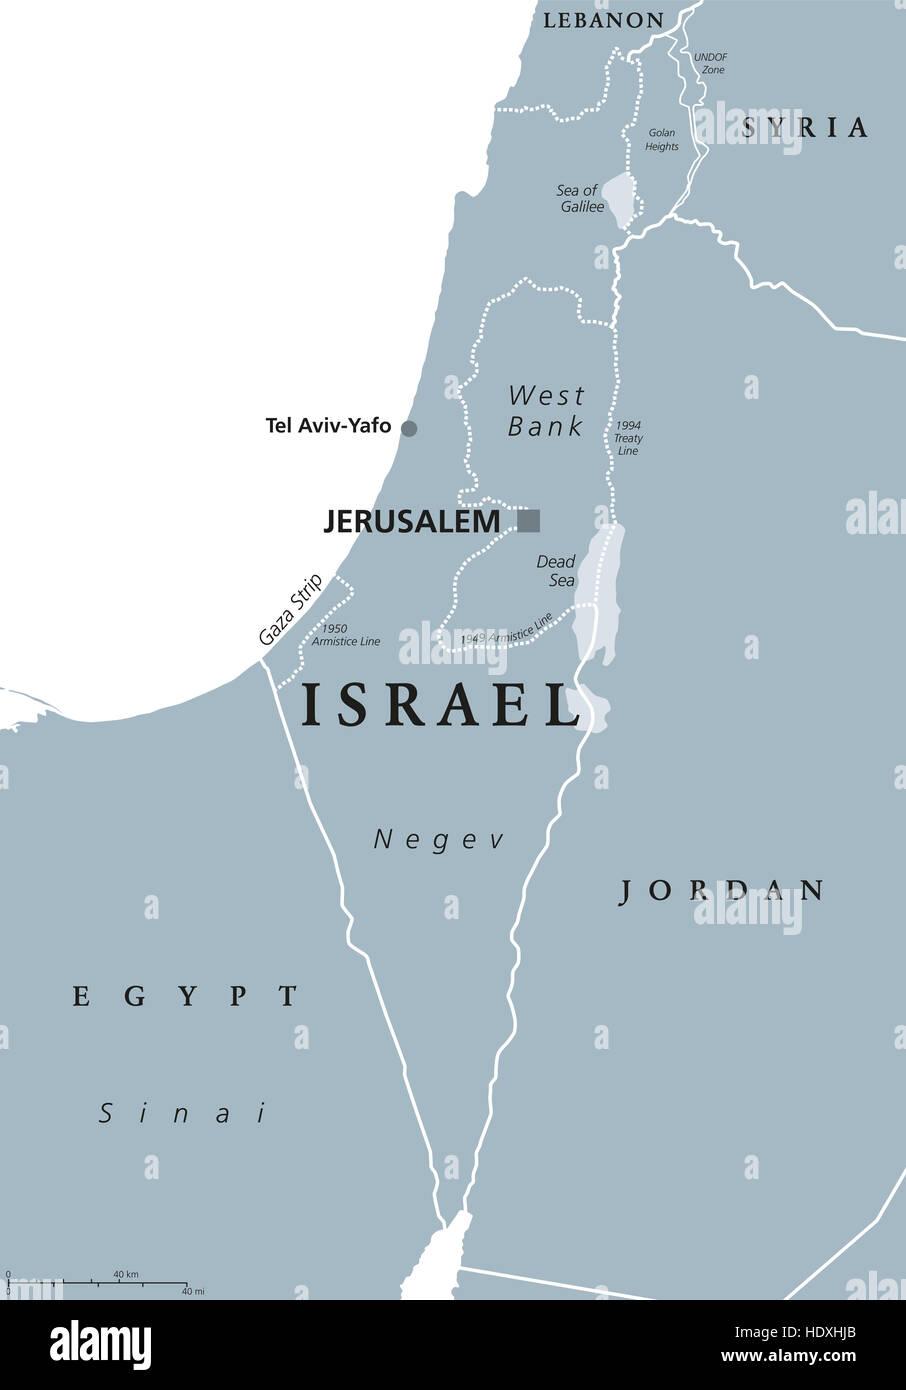 Israel Jerusalem Karte.Israels Politische Karte Mit Hauptstadt Jerusalem Und